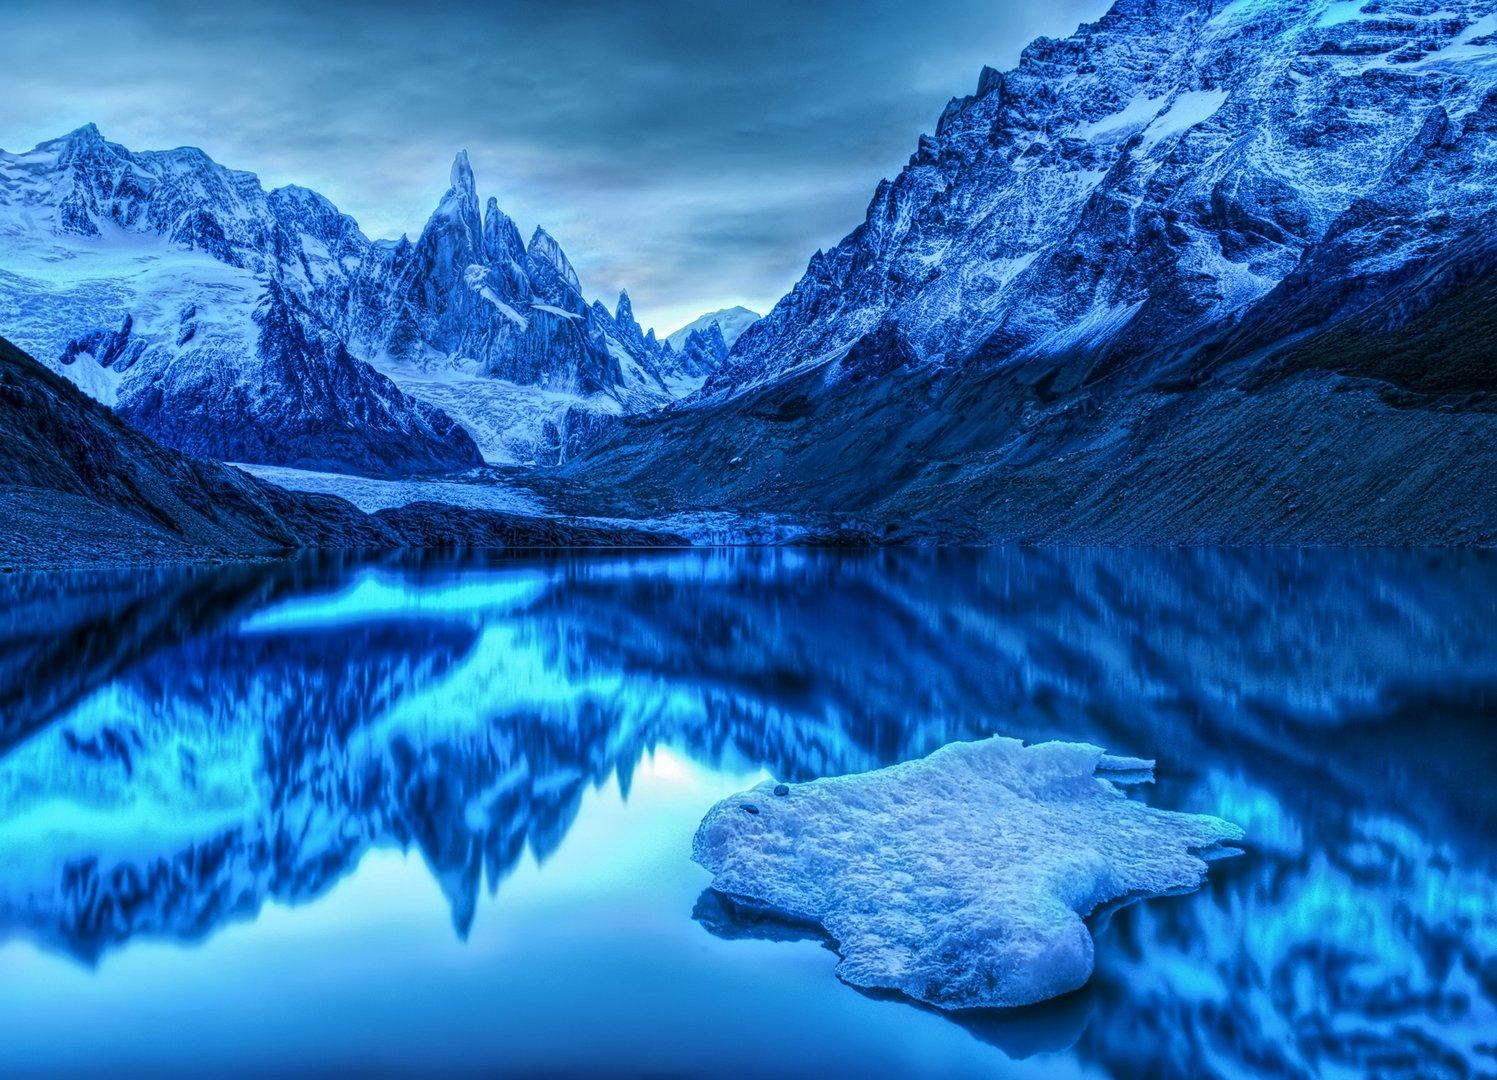 Ice Blue Kingdom wallpaper 1497x1080